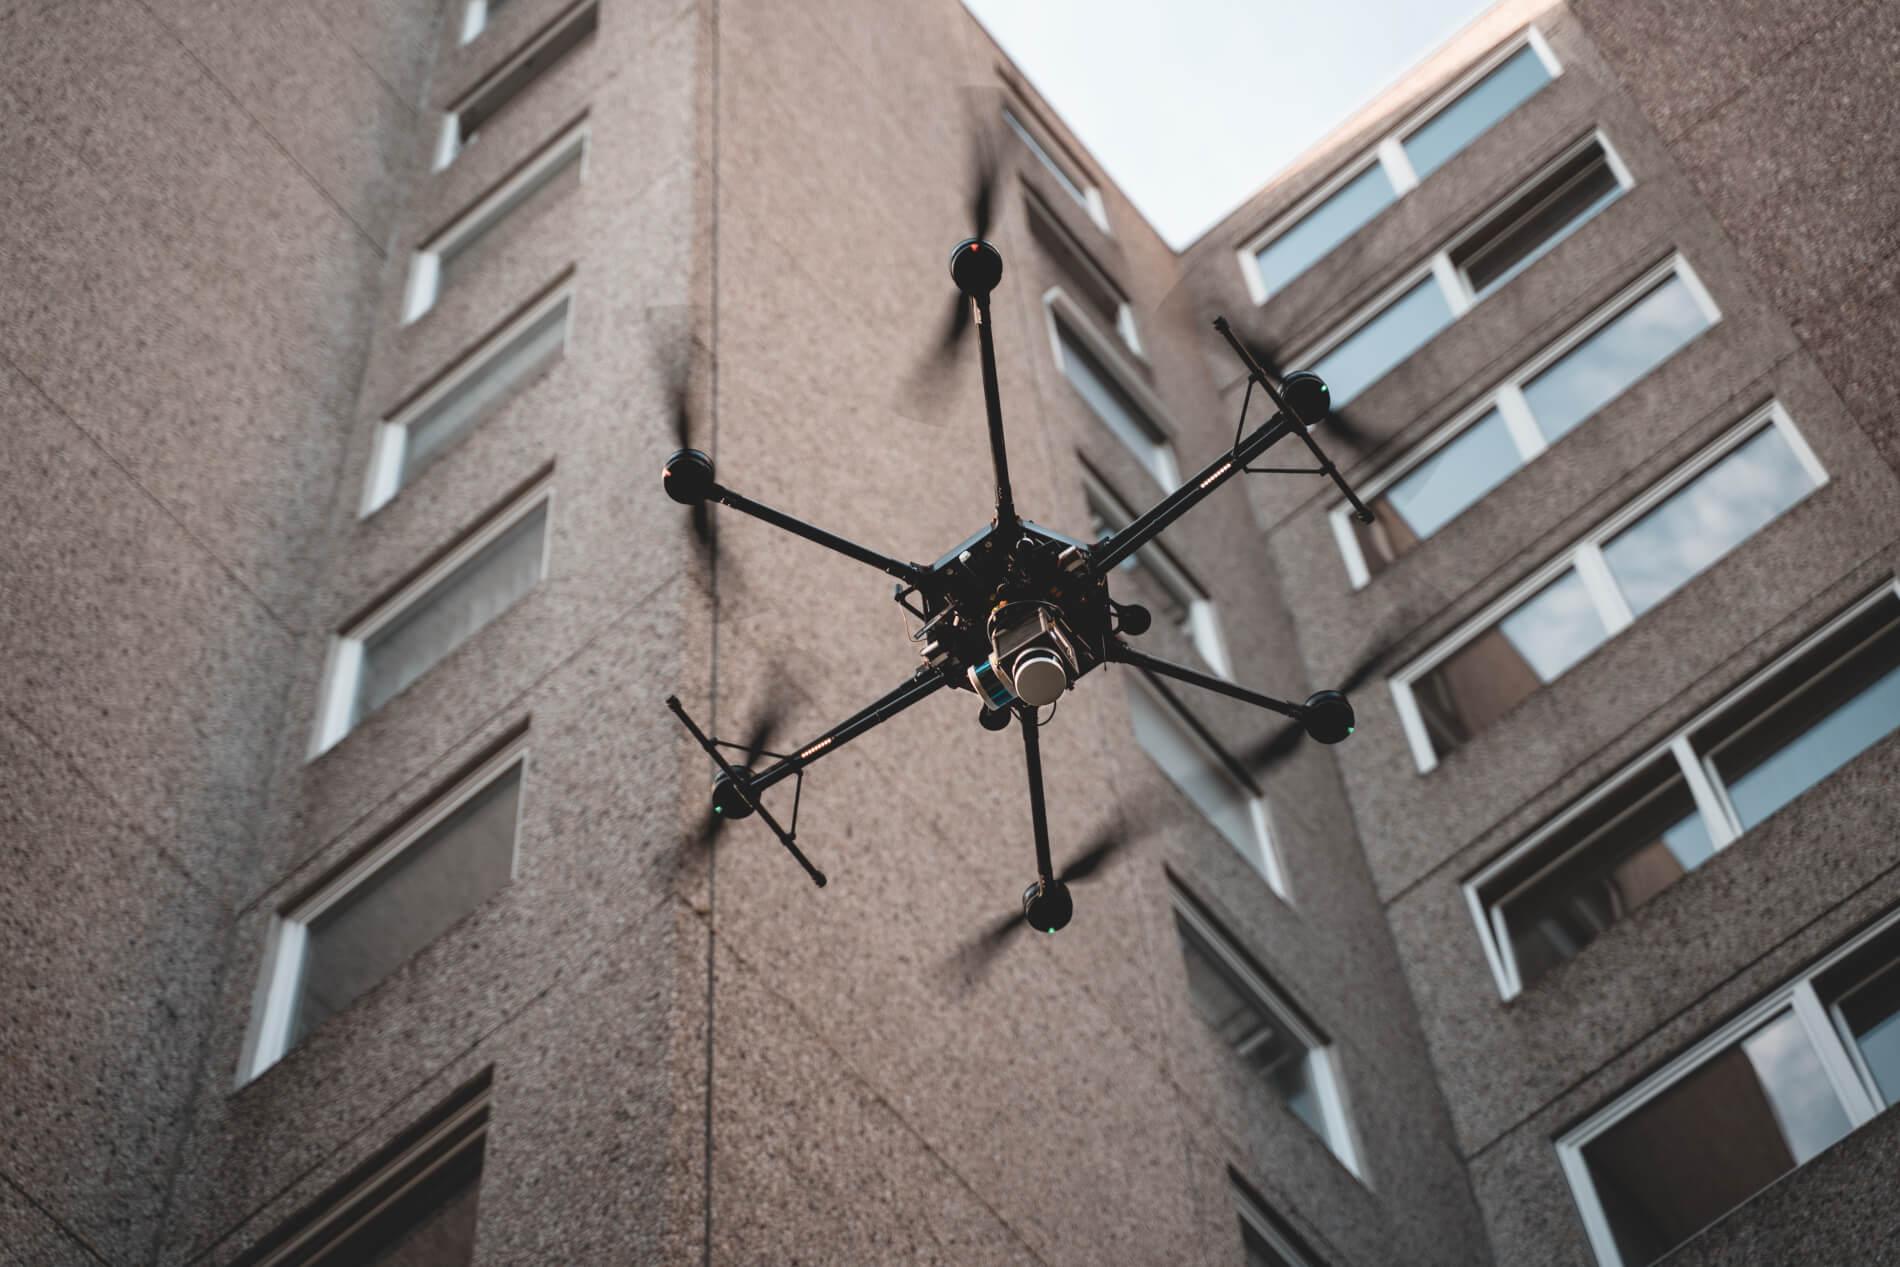 3D-Vermessung-und-Dokumentation-von-Fassaden-mittels-UAV-Photgrammetrie-und-Laserscanner-Logxon-porter-laser-scanner-uav-drohne-lidar-slam-scanservice-aircraft-hochhaus-digitalisierung